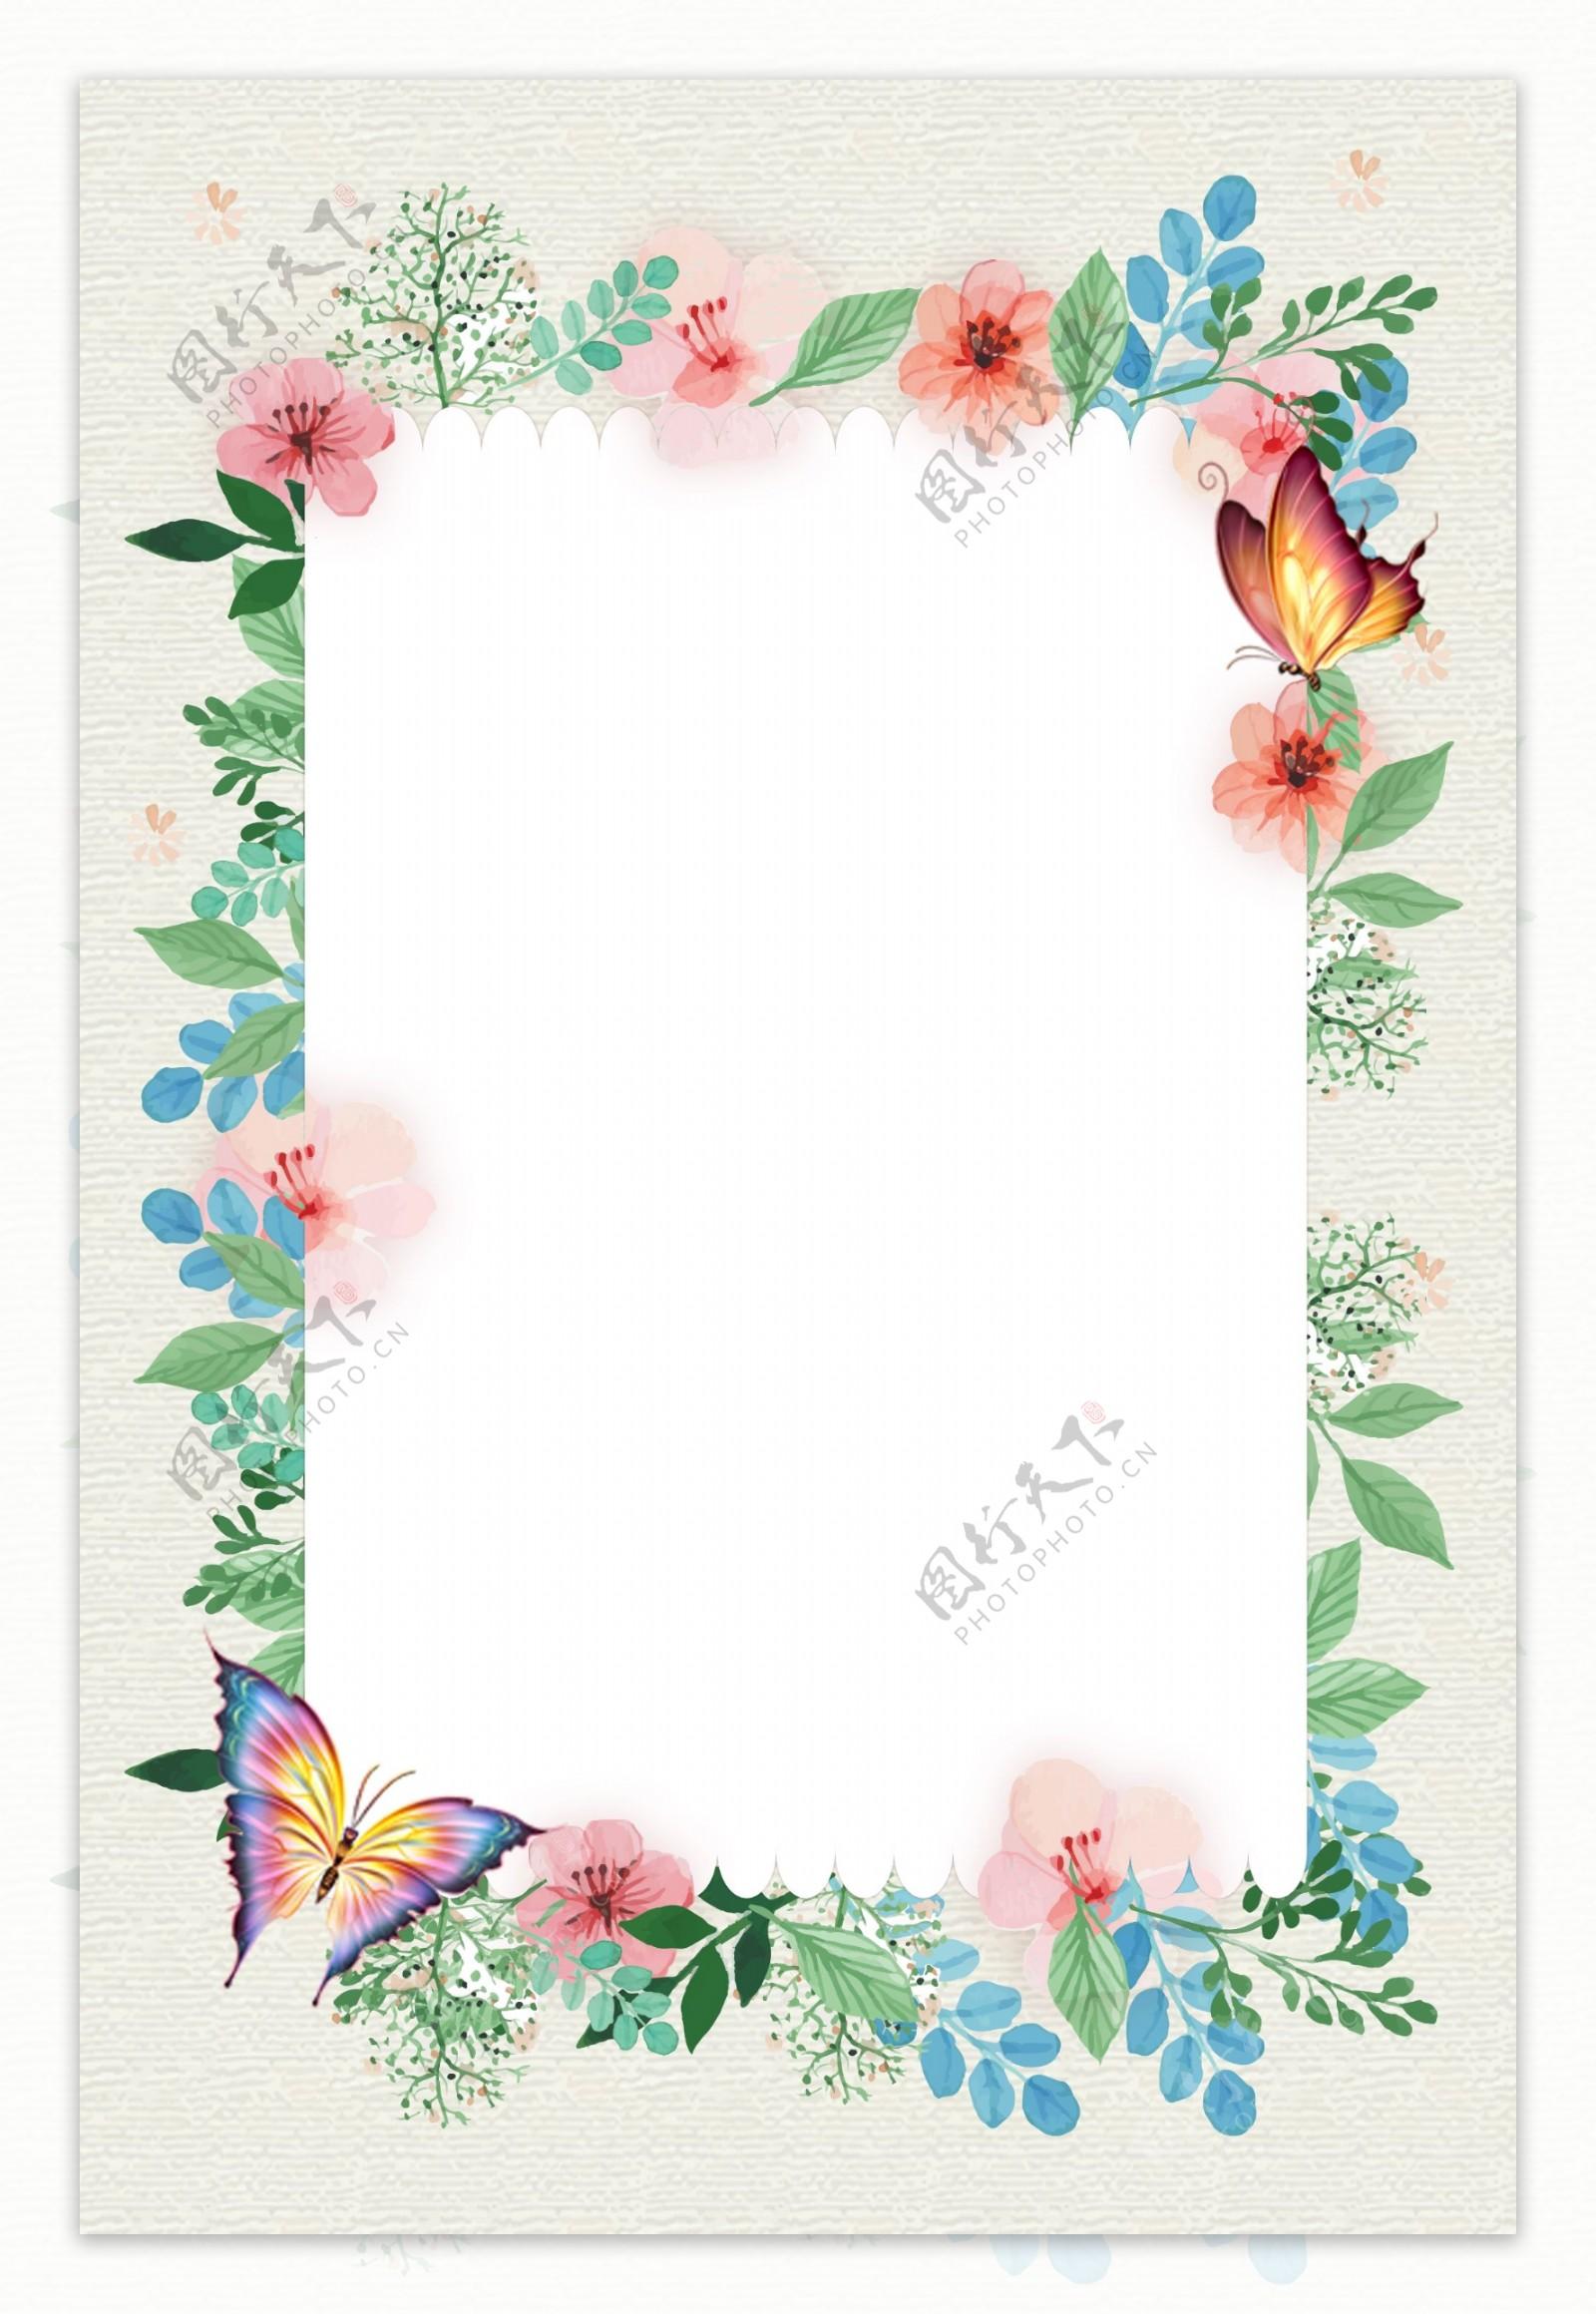 简约植物花朵蝴蝶海报